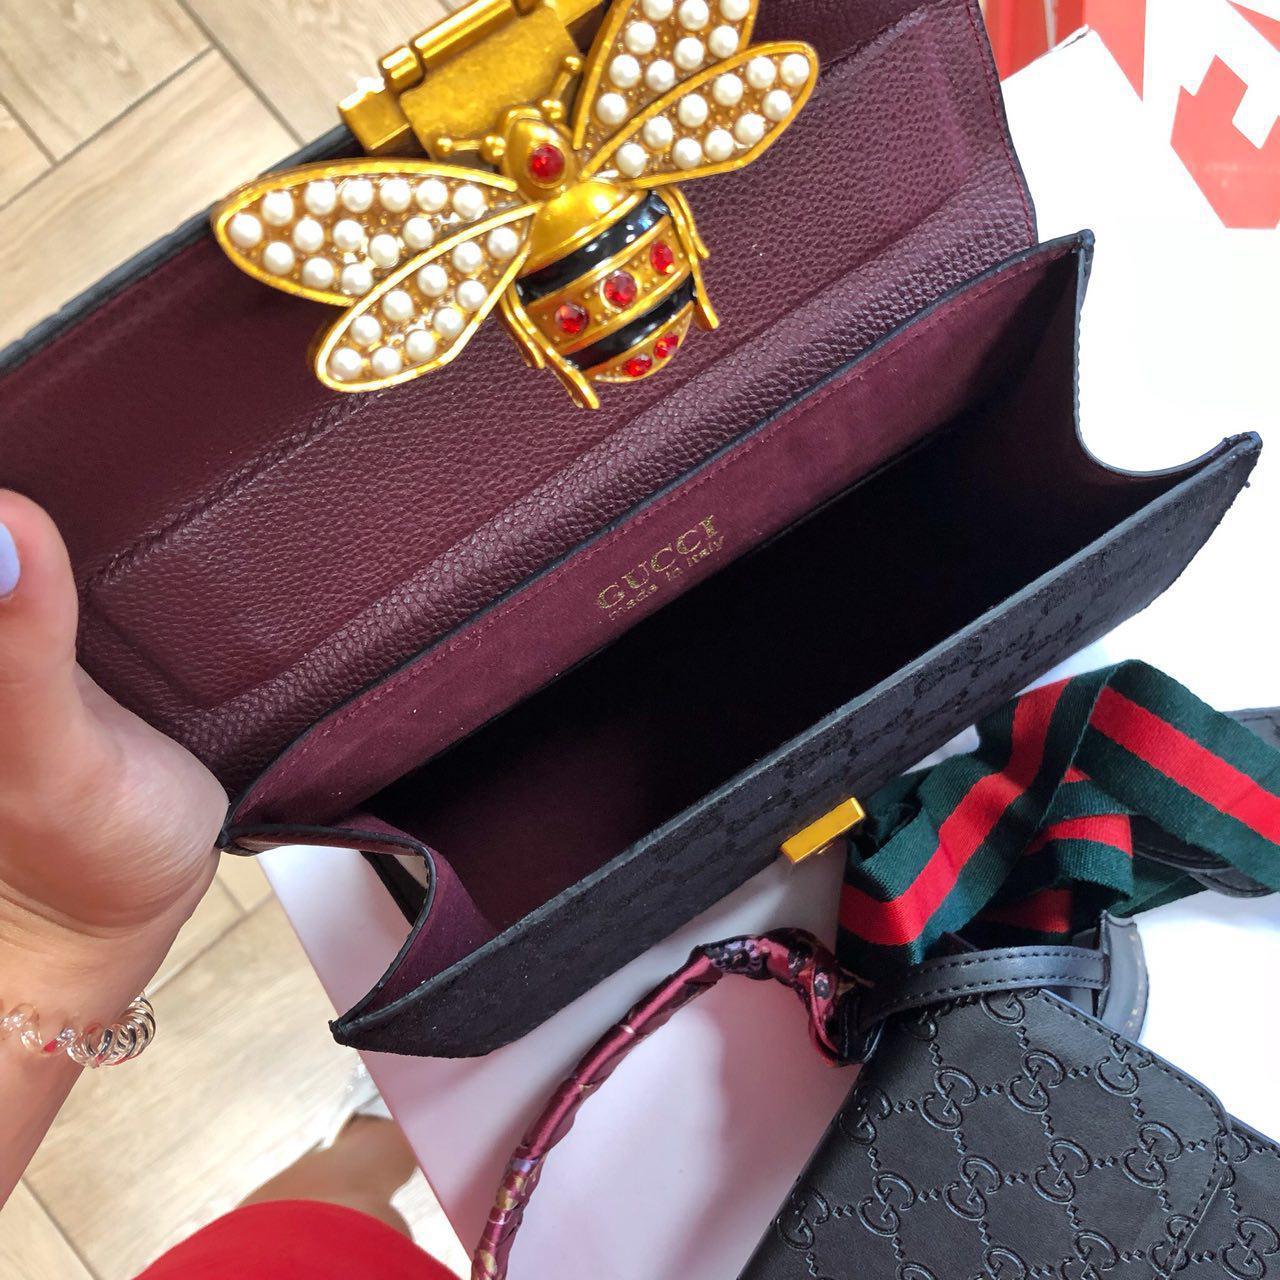 ac77580ec3ae Женская сумка Gucci черная с бордовой ручкой LB0041: продажа, цена в ...